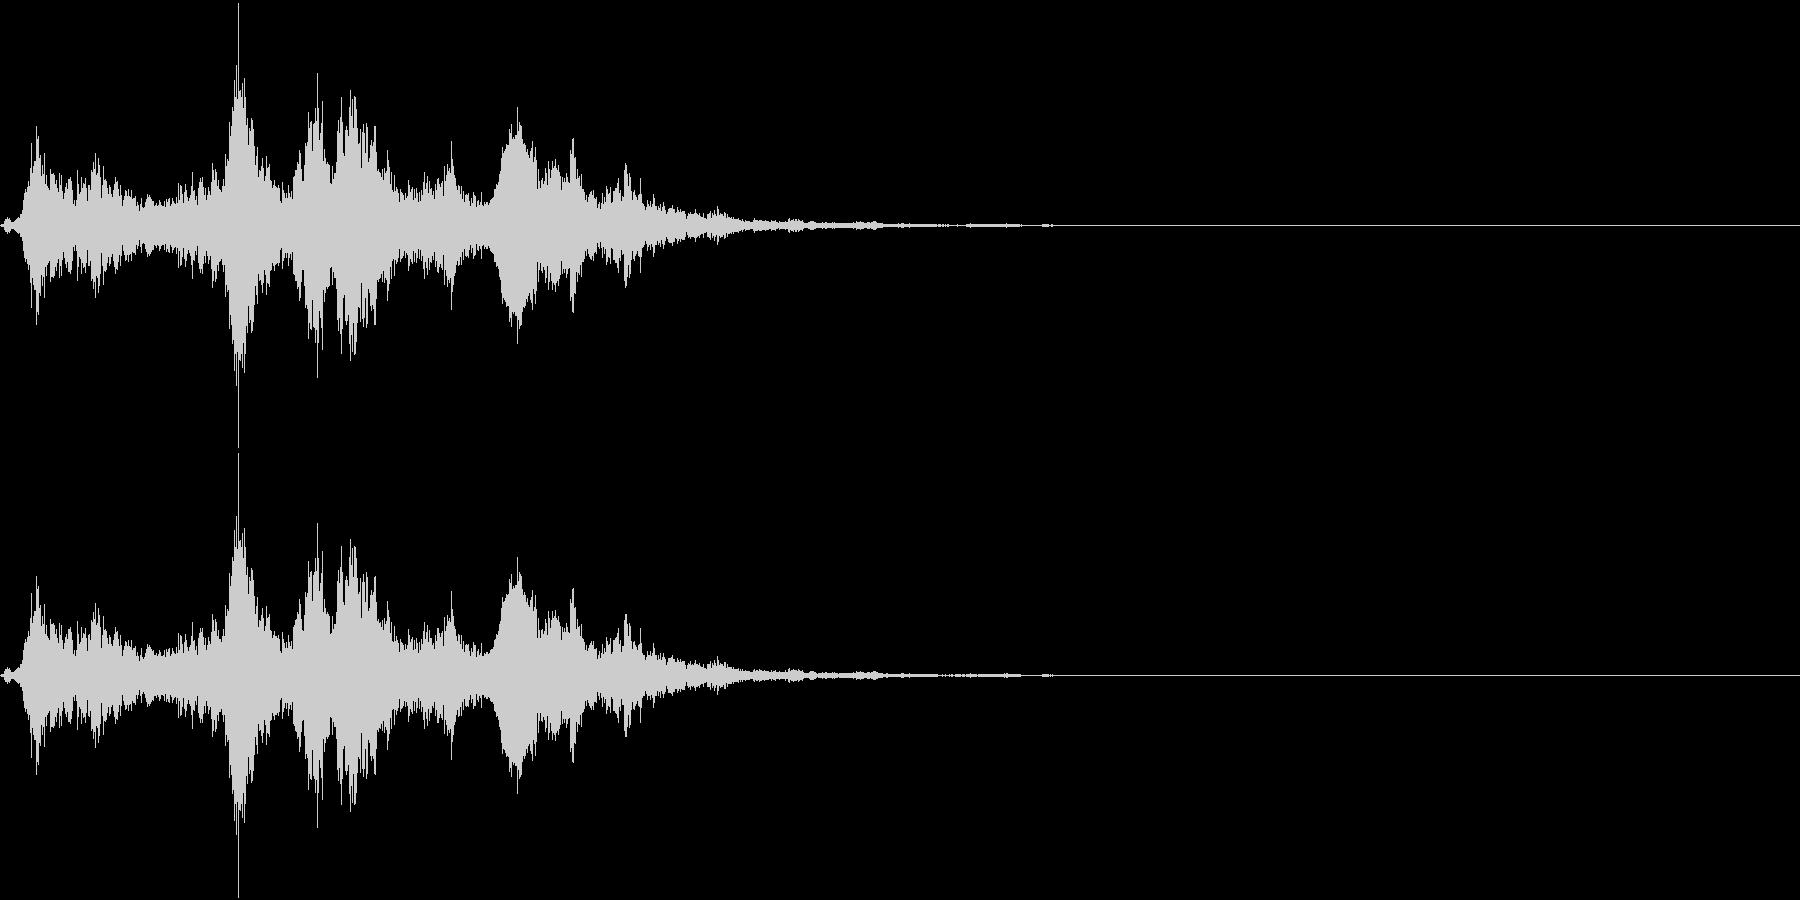 音侍SE「シャンシャーン」象徴的な鈴の音の未再生の波形